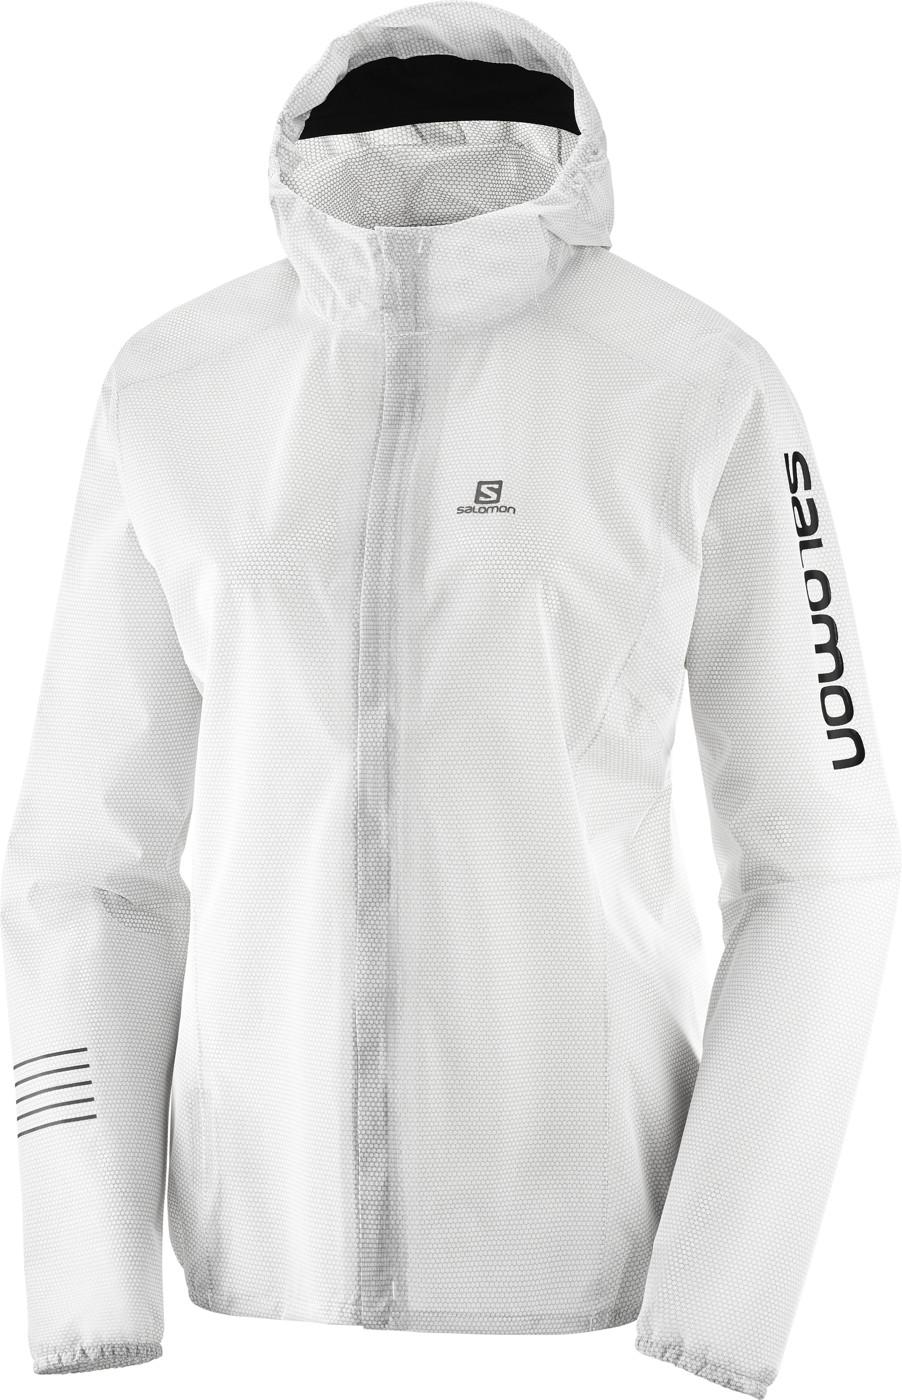 SALOMON LIGHTNING RACE WP JKT W White S - Damen